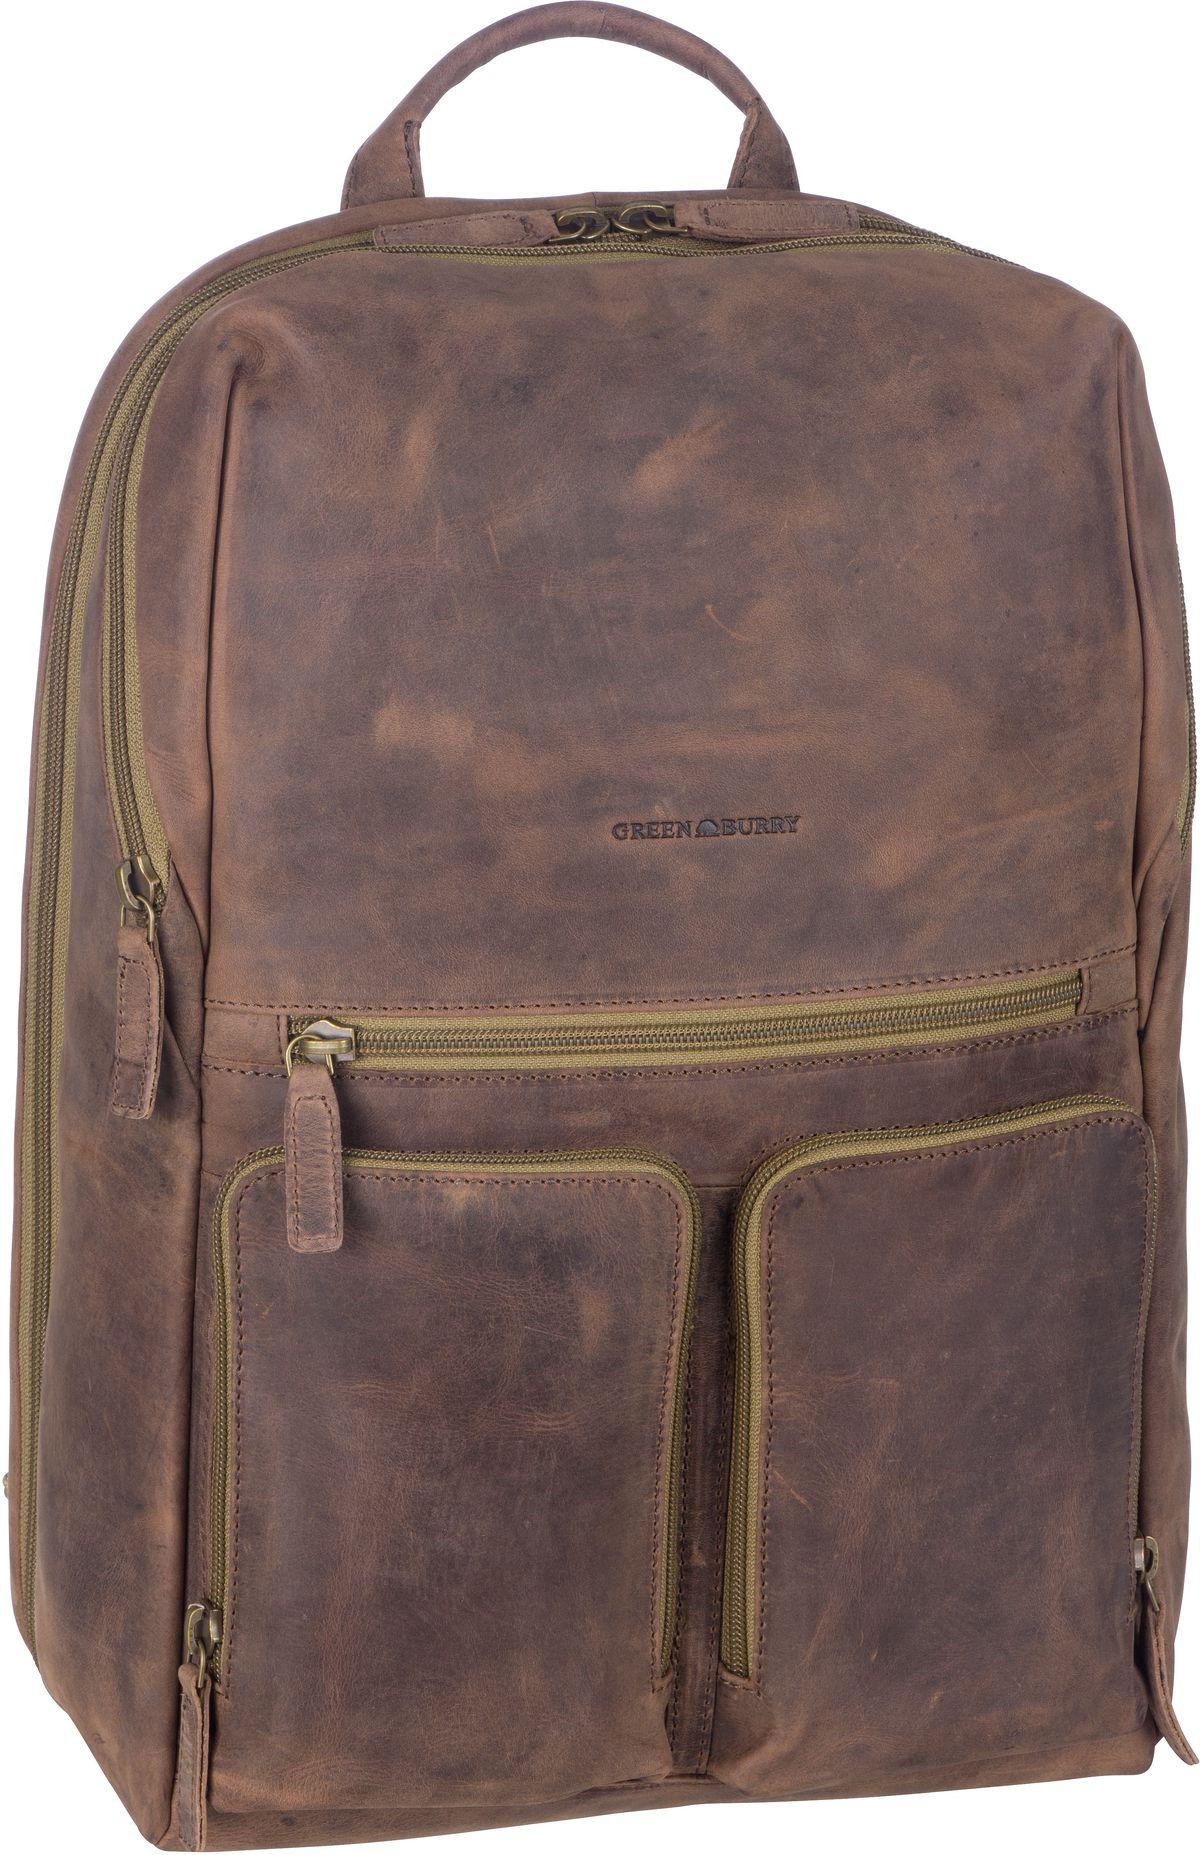 Laptoprucksack Vintage Tec 1586 Brown/Olive